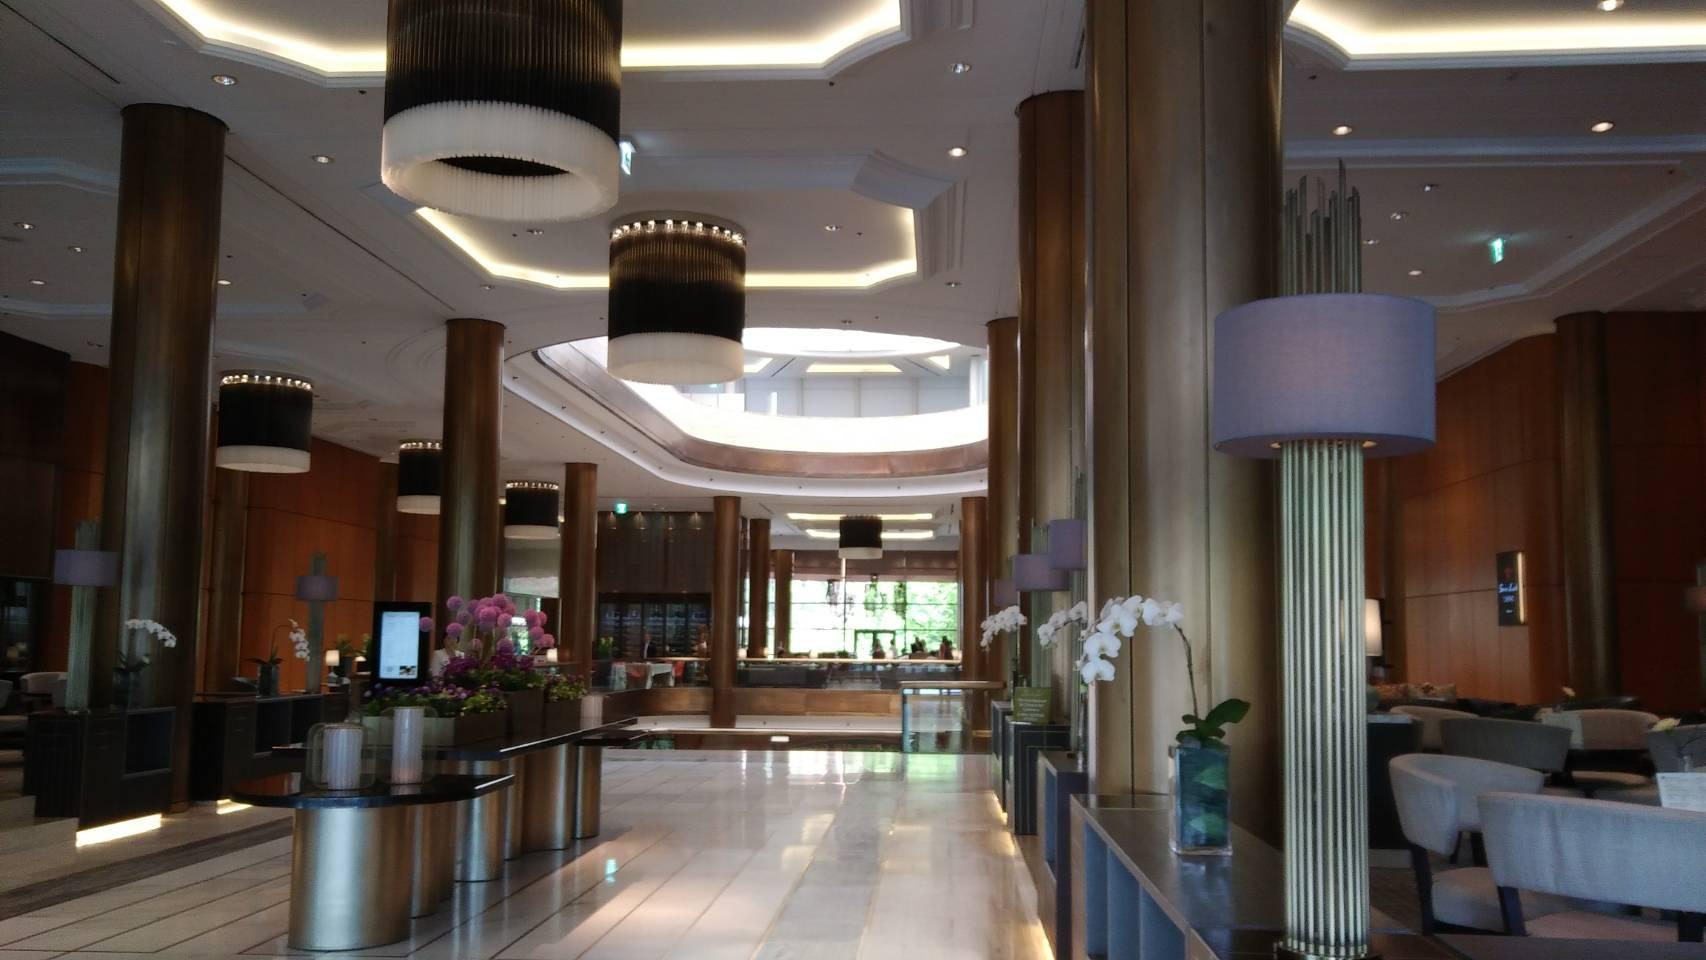 ミレニアムソウルヒルトンの宿泊レビューとシャトルバスの時刻表|韓国ブログ旅